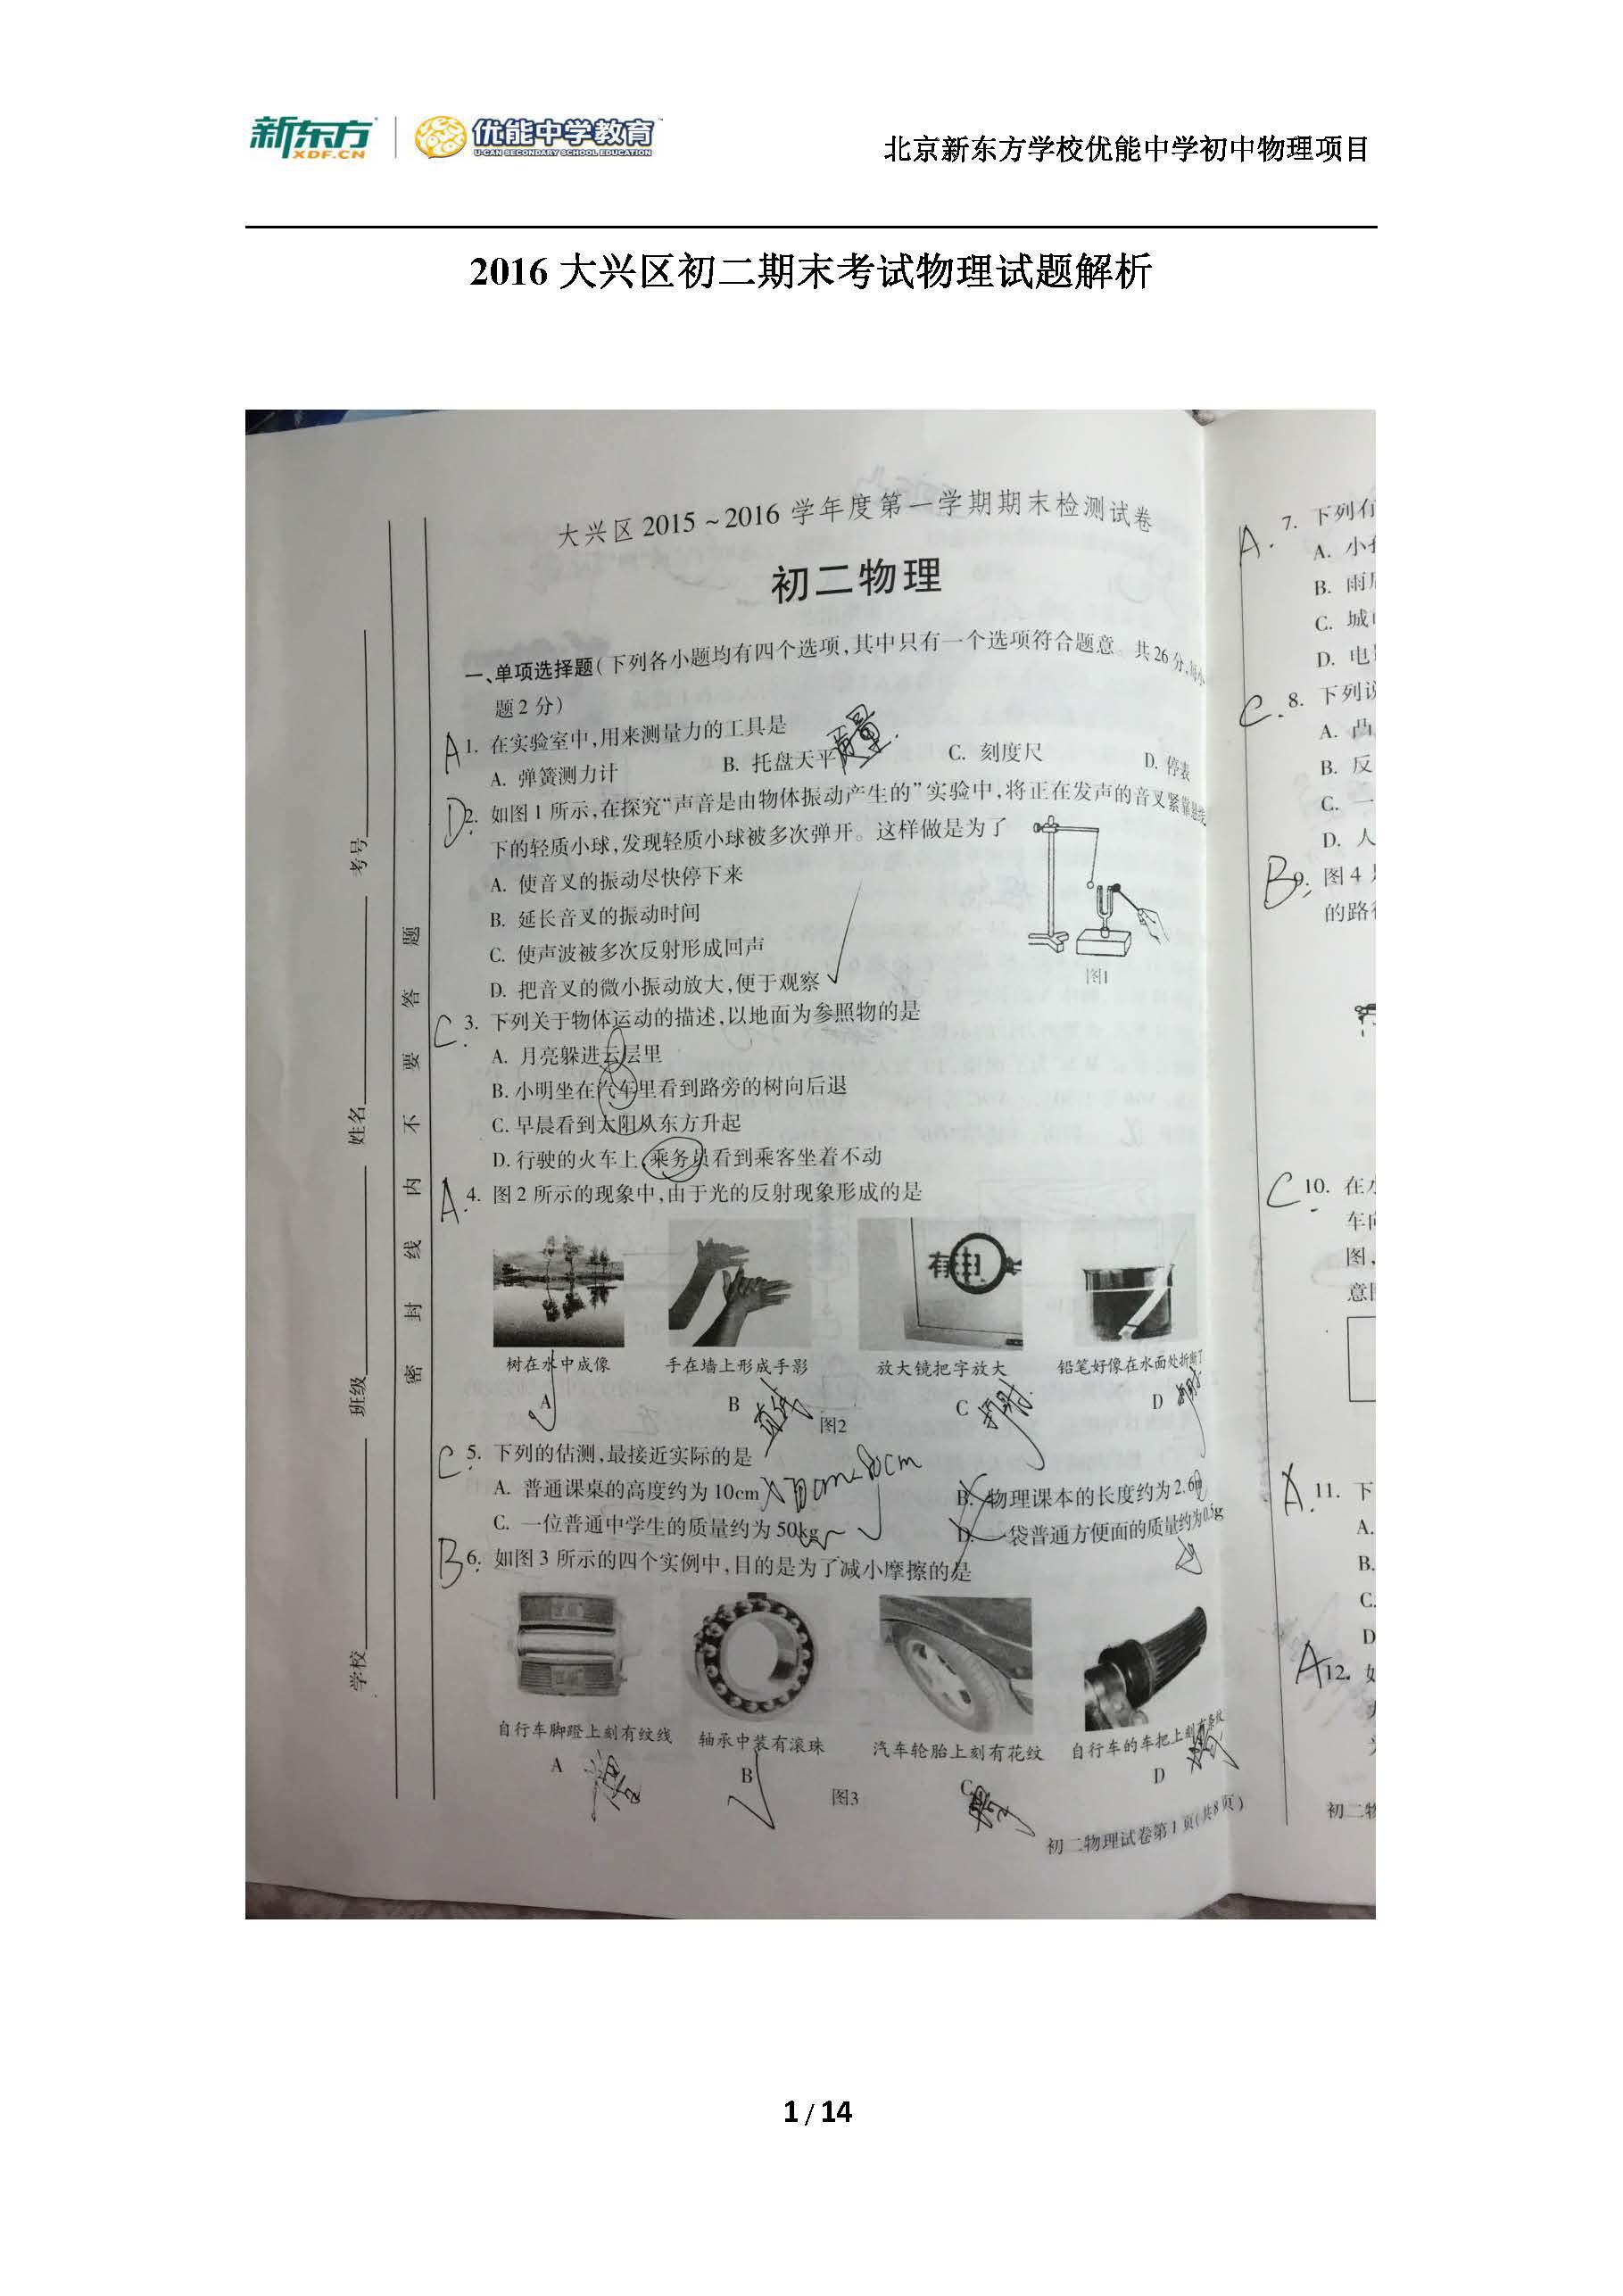 2016大兴初二物理期末试题及答案逐题解析(新东方版)